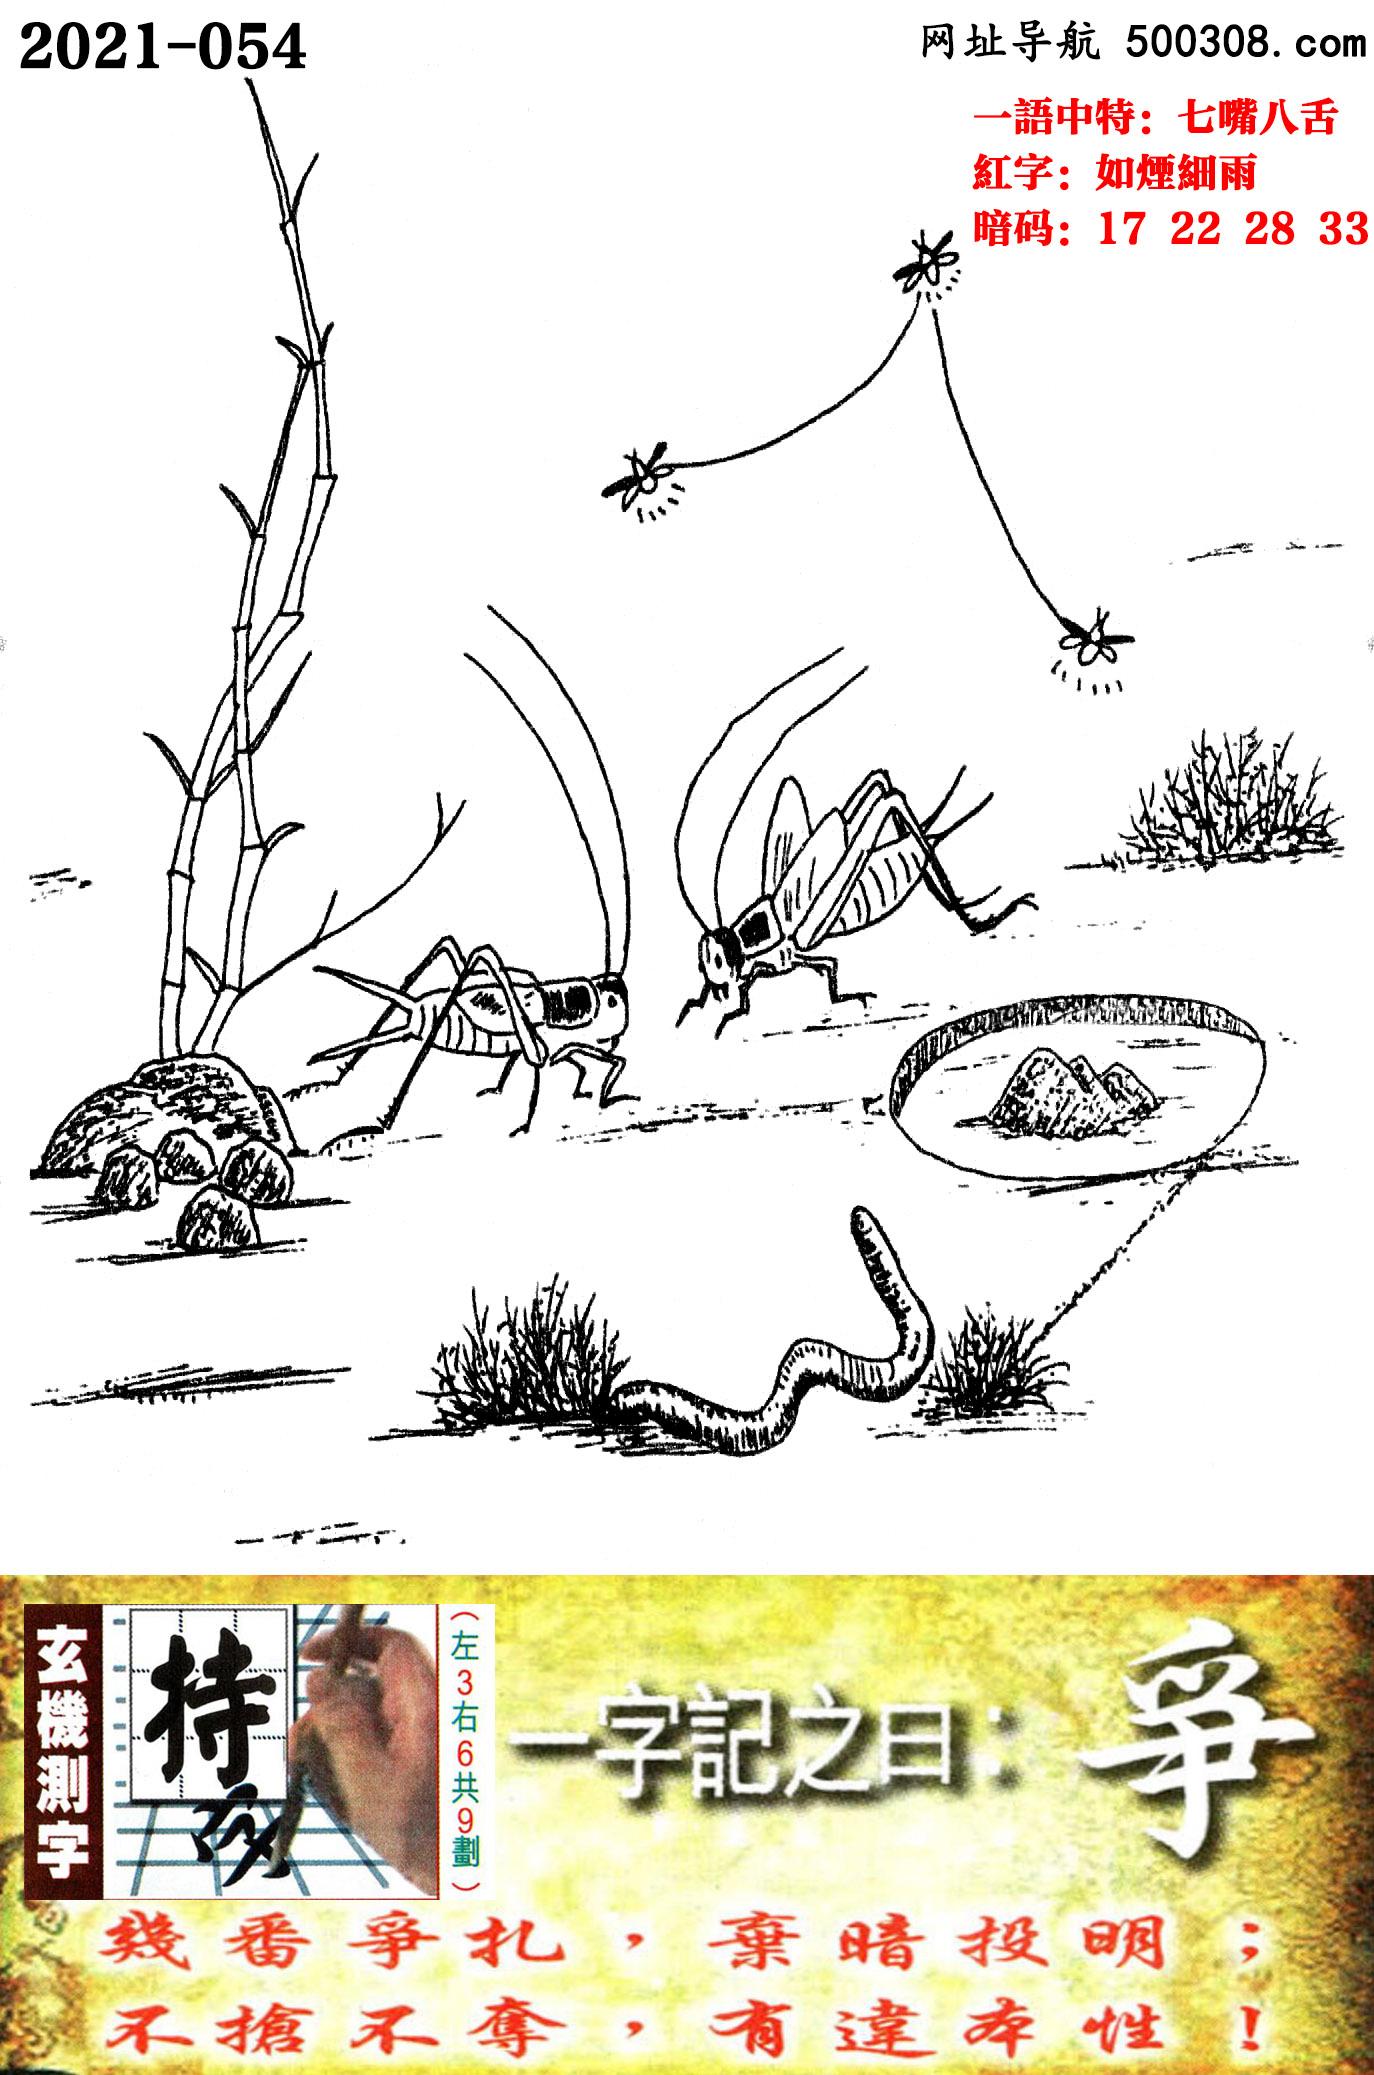 054期跑狗一字�之曰:【��】_�追���扎,��暗投明;不��不�Z,有�`本性!